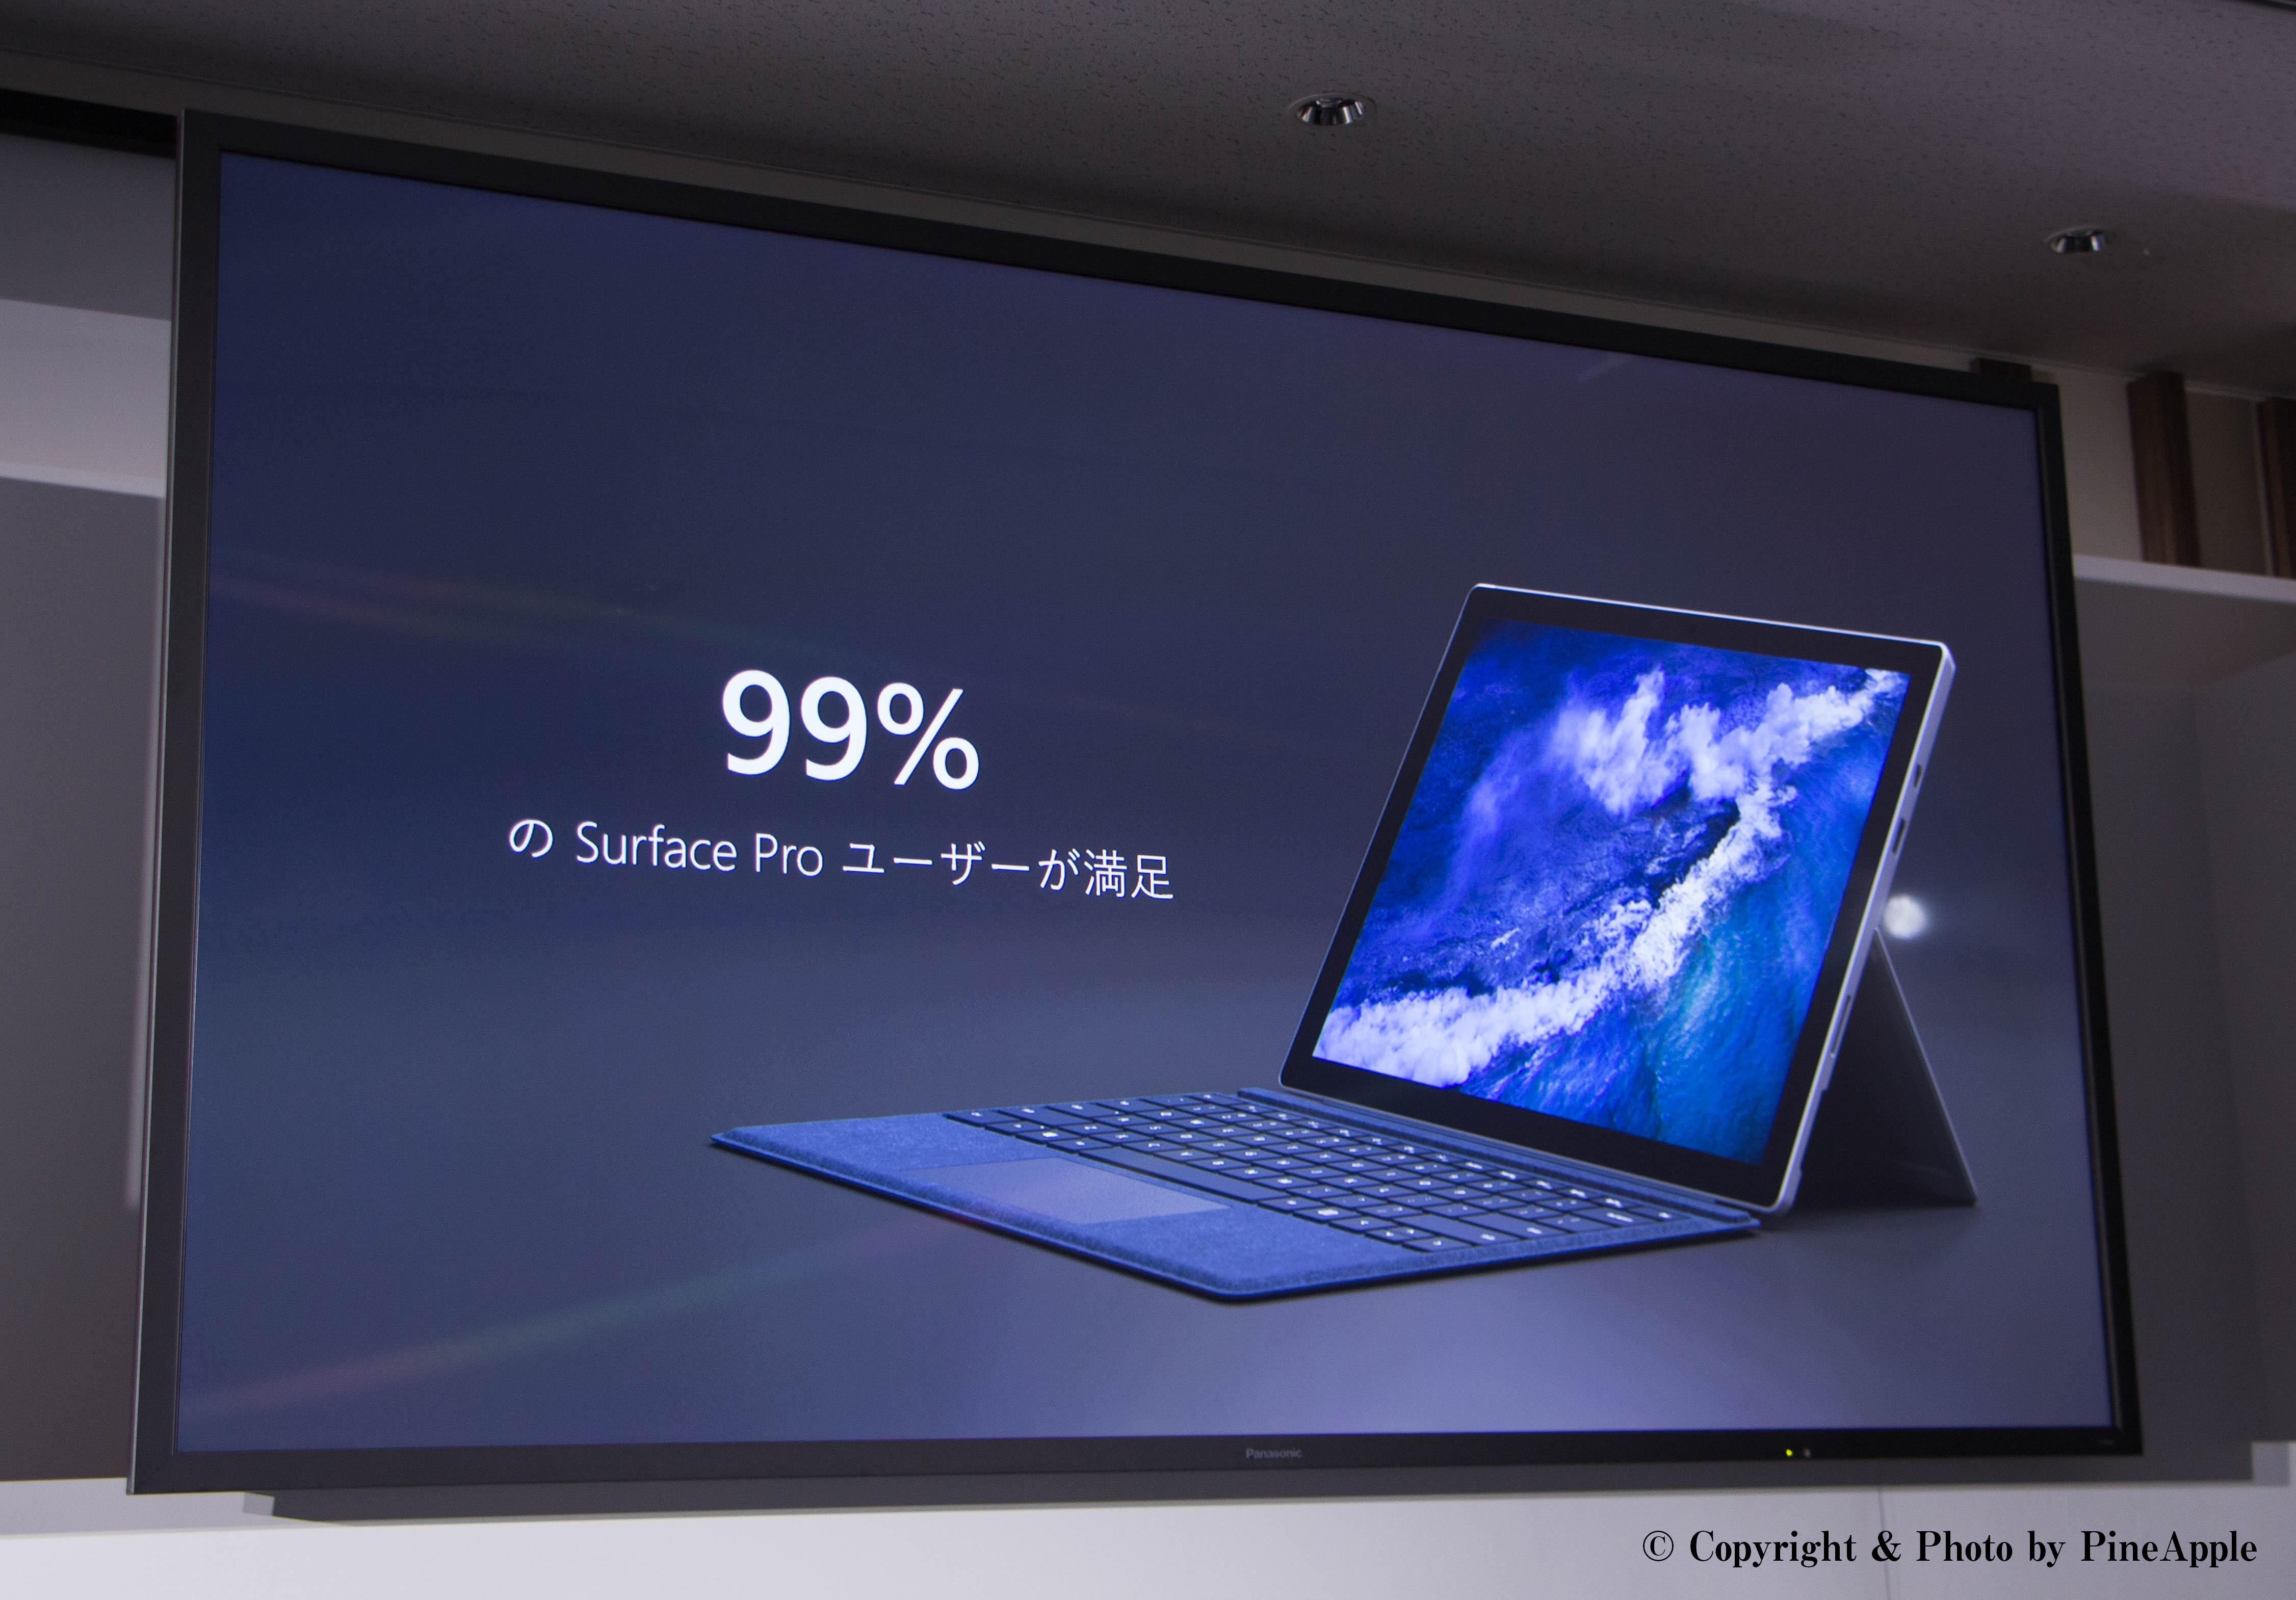 99%:日本の Surface Pro ユーザー満足度